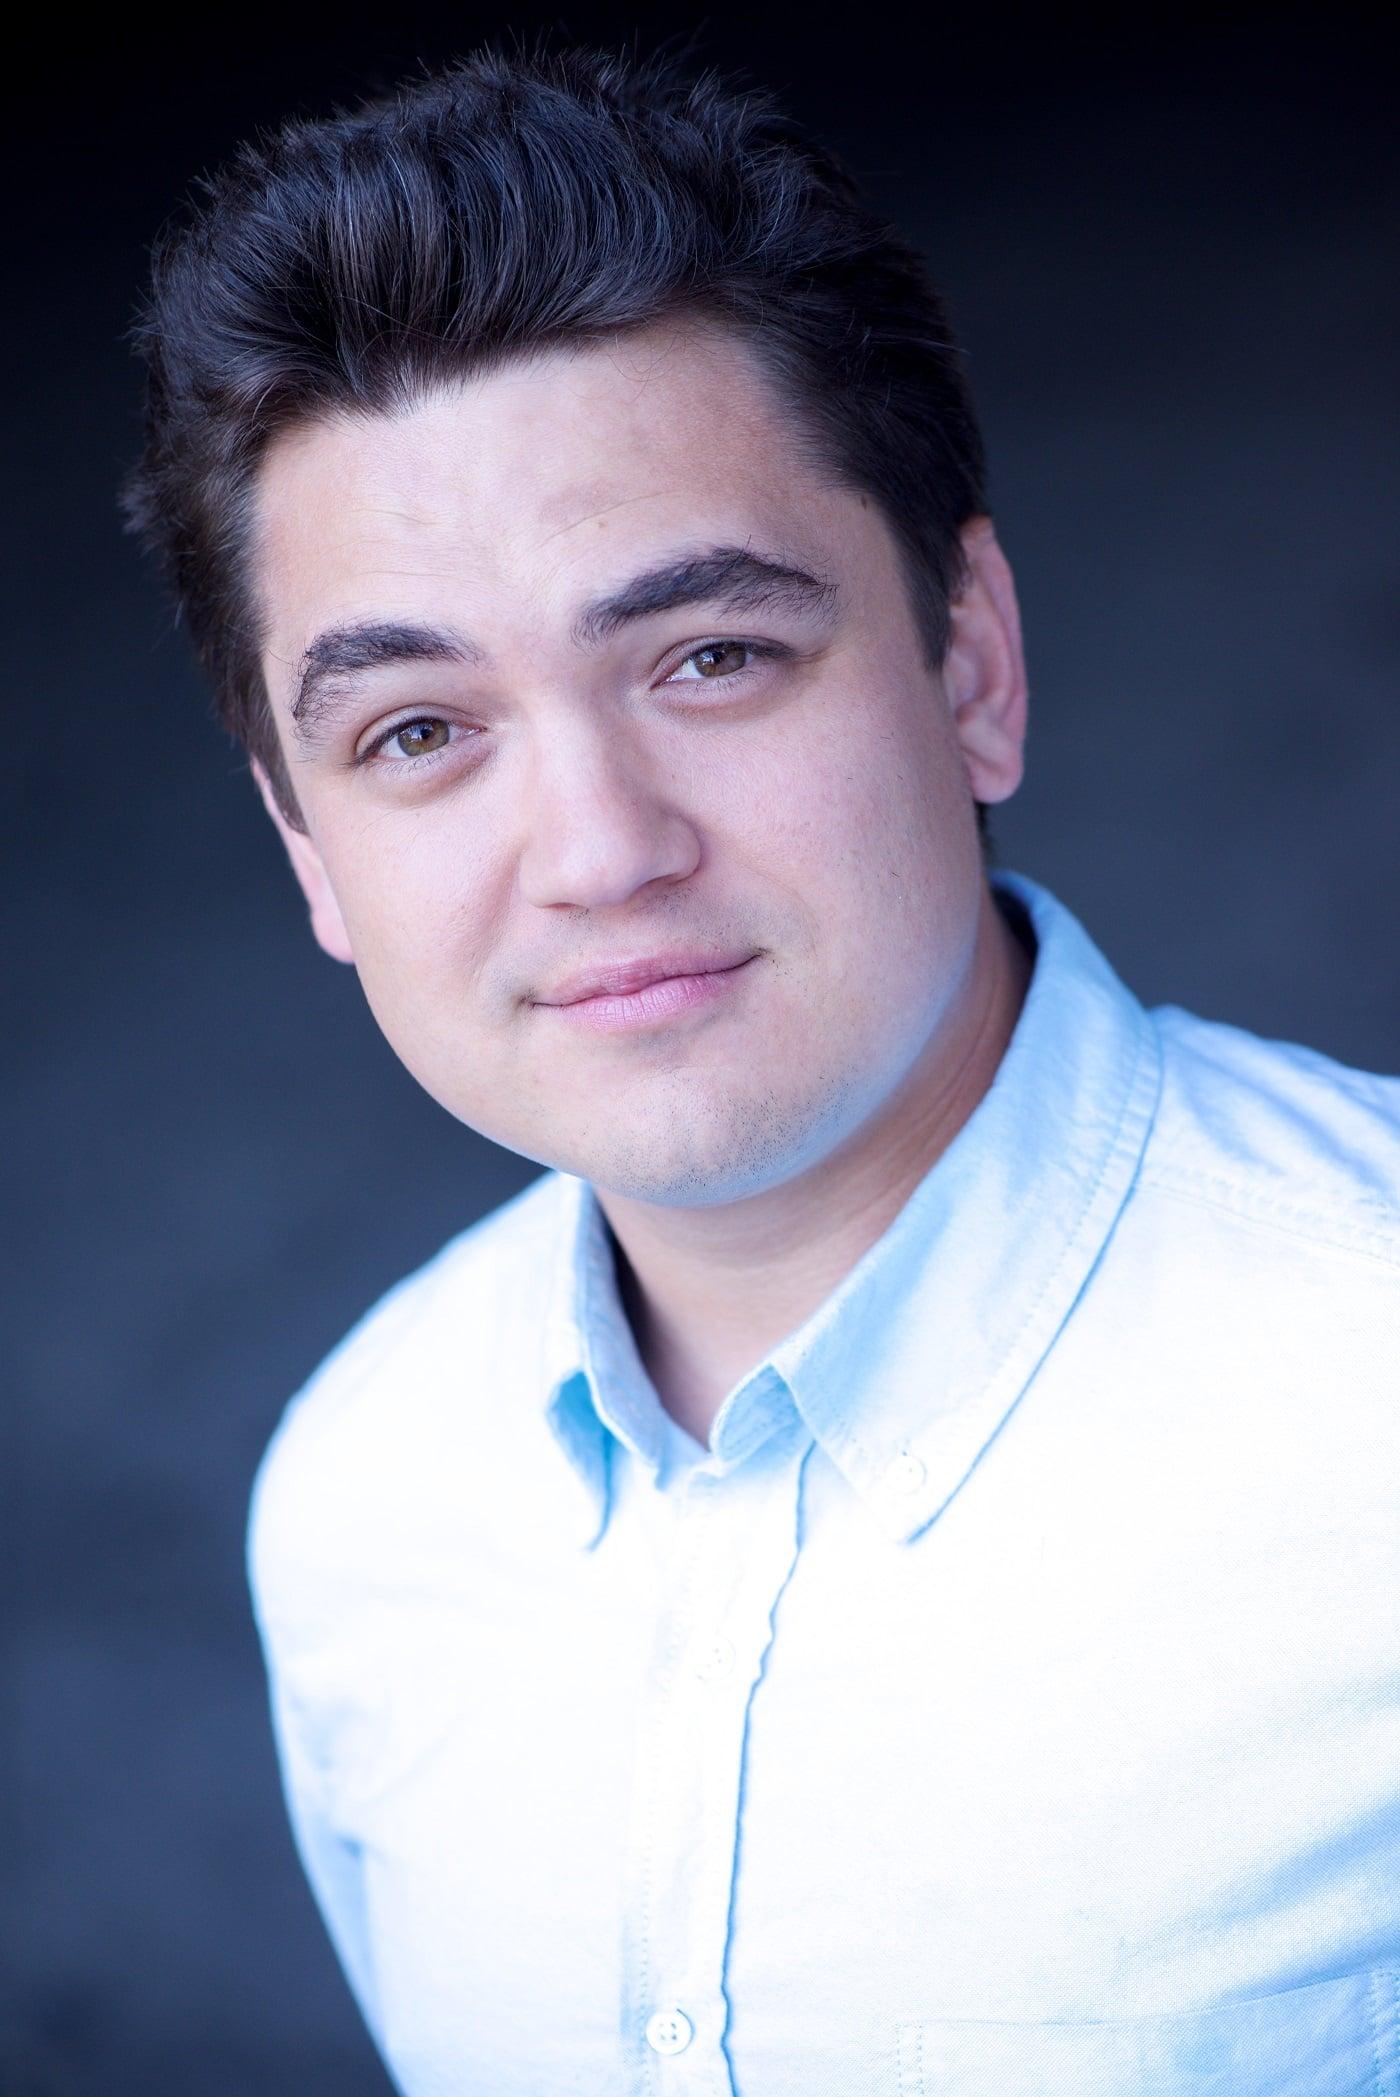 Paul Prado